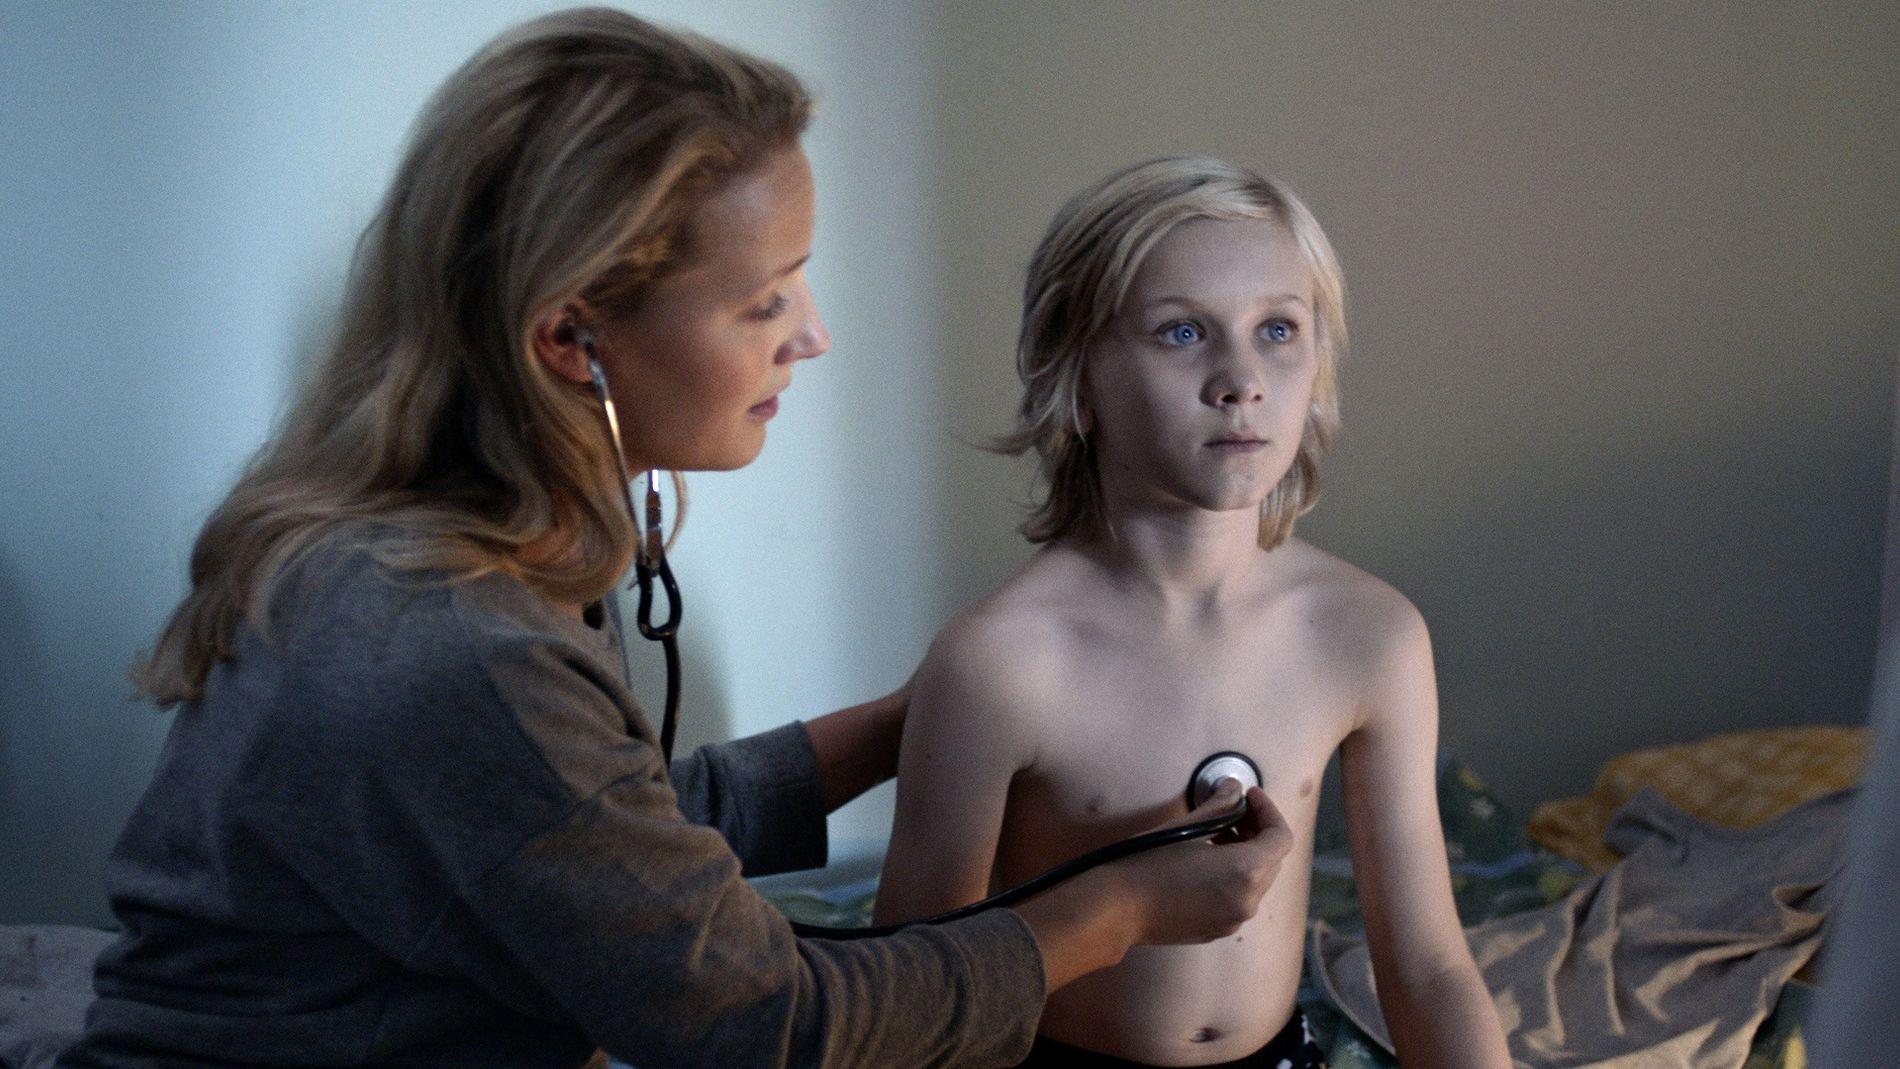 SIST SETT: Ine Marie Wilmann var nylig å se som moren til Lars i «Zombielars». Her med Leonard Valestrand Eike i serien. Foto: Anna Myking/Tordenfilm/NRK